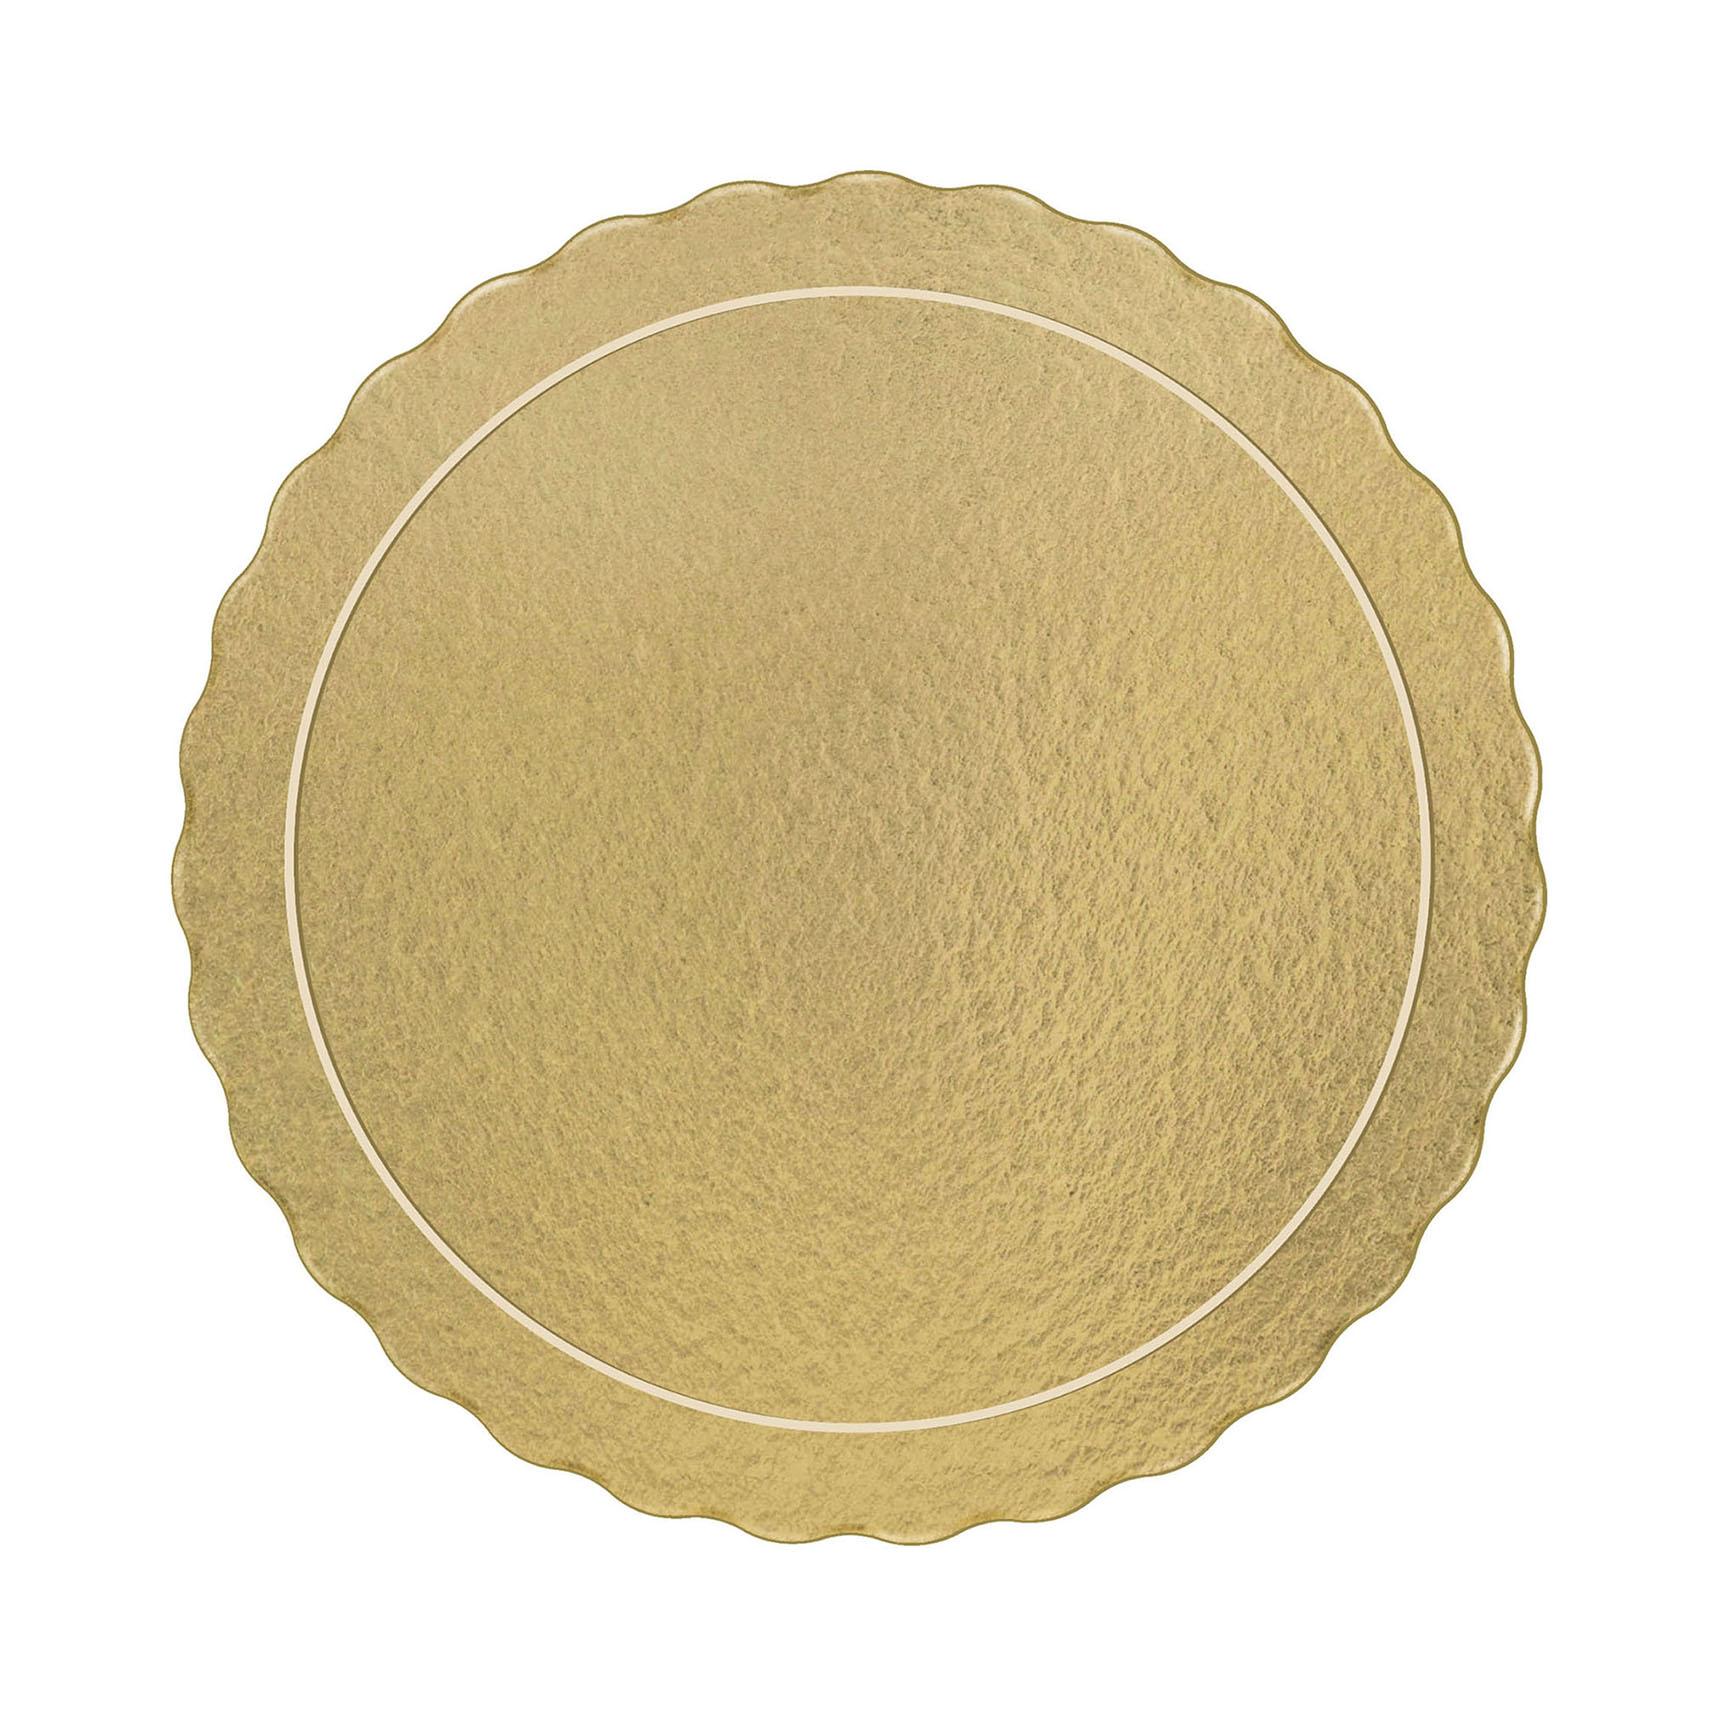 Kit 60 Bases Laminadas Para Bolo, Cake Board, 25, 30 e 35cm - Ouro